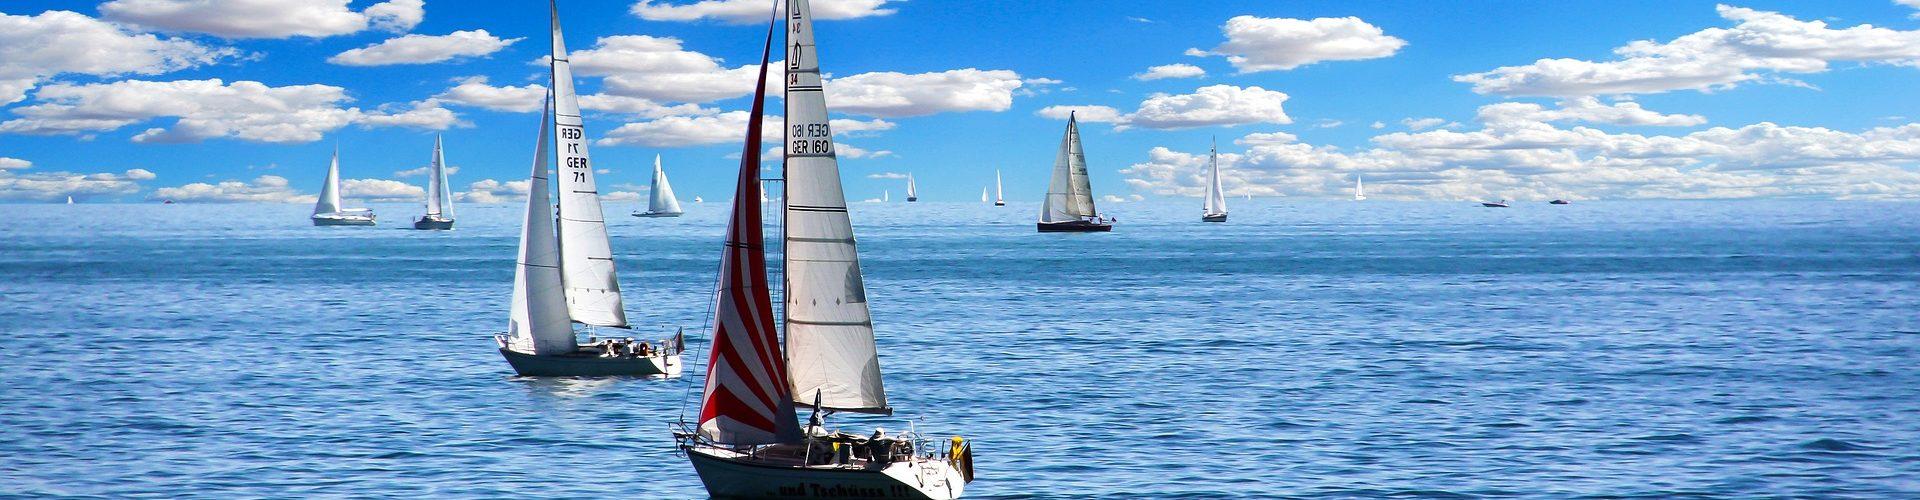 segeln lernen in Weingarten segelschein machen in Weingarten 1920x500 - Segeln lernen in Weingarten